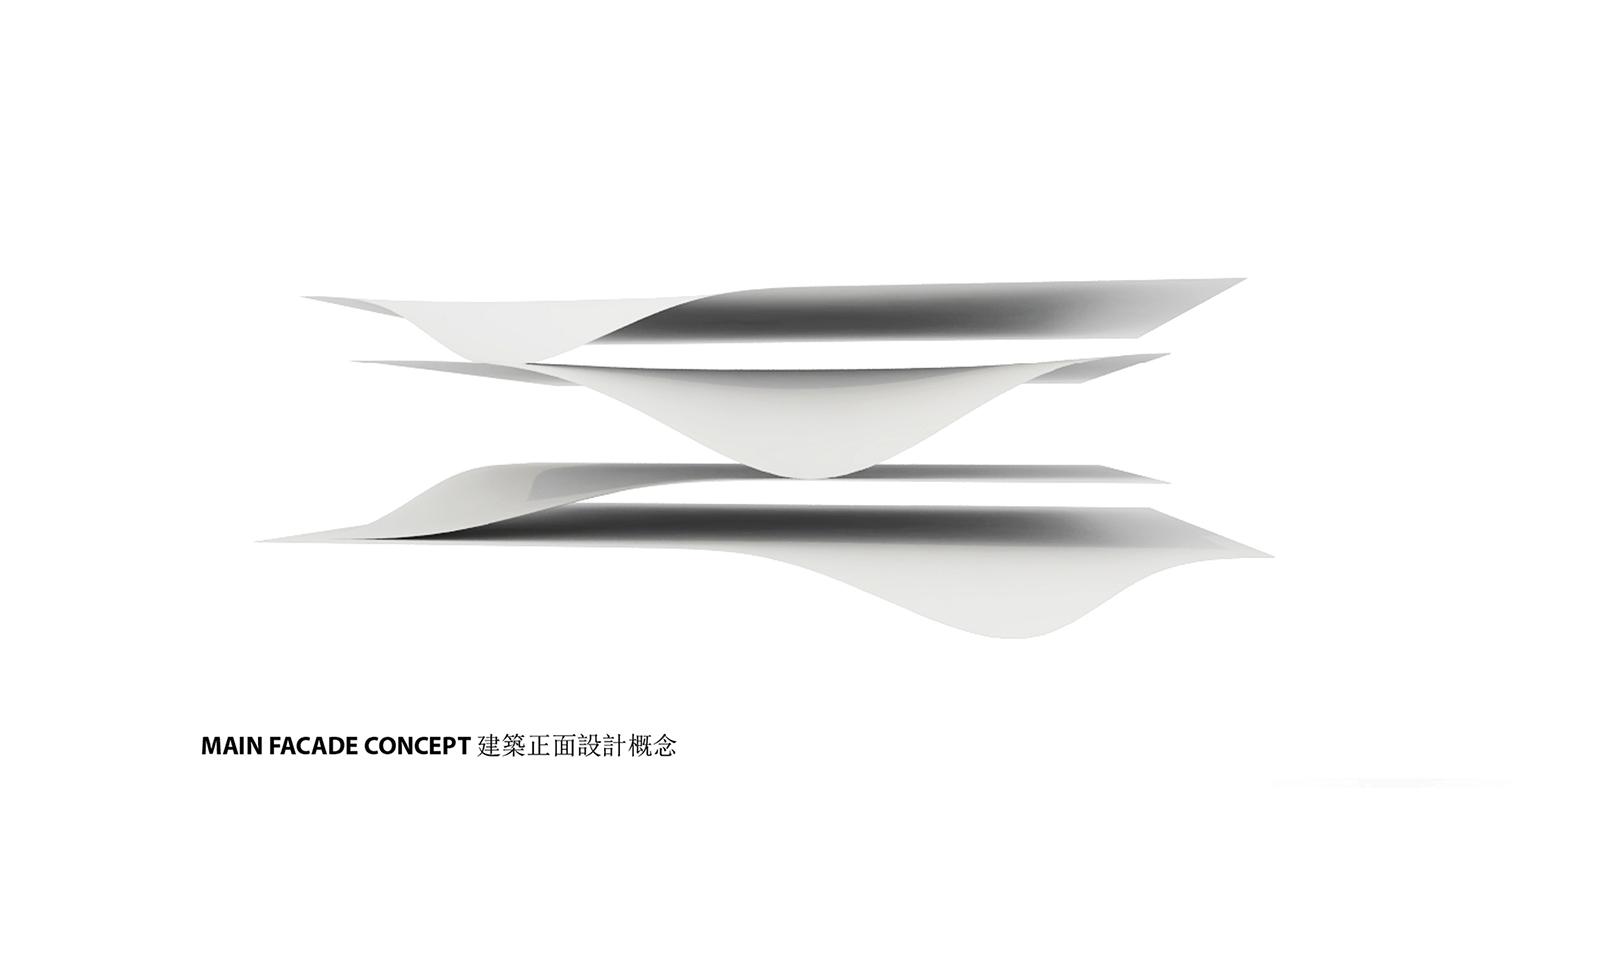 MJZ_TCCC-main-facade-concept